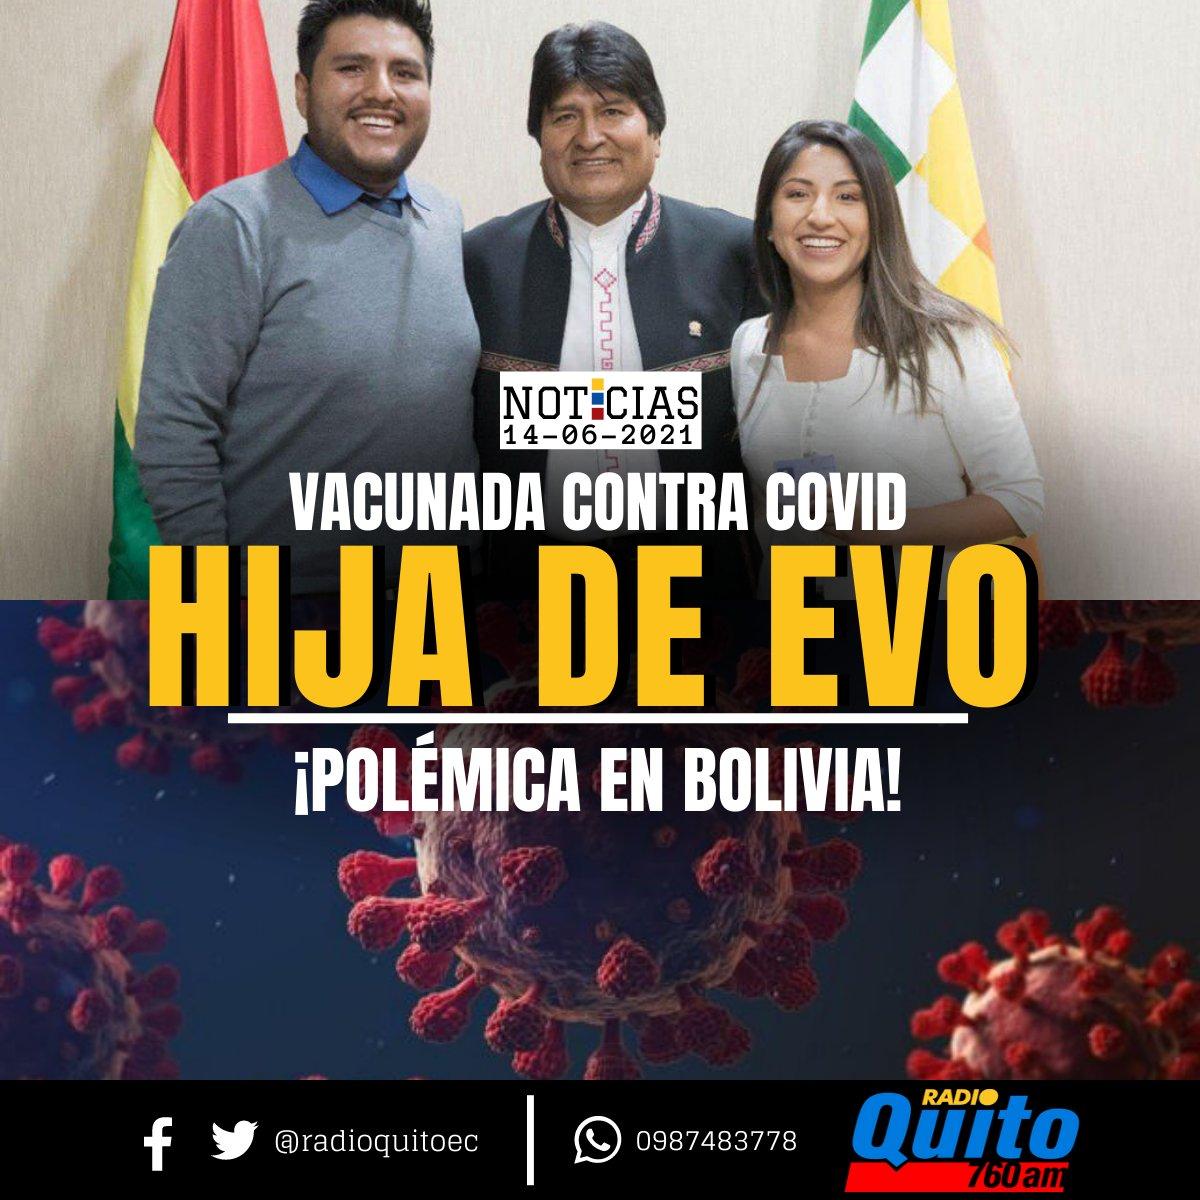 Portales verificadores bolivianos han confirmado que #EvalizMorales, hija del expresidente #EvoMorales, recibió la primera dosis de la vacuna contra la #covid_19 el 24 de mayo, fuera del calendario de inmunización por edades previsto por las autoridades del #país andino. https://t.co/DKhj1PZave